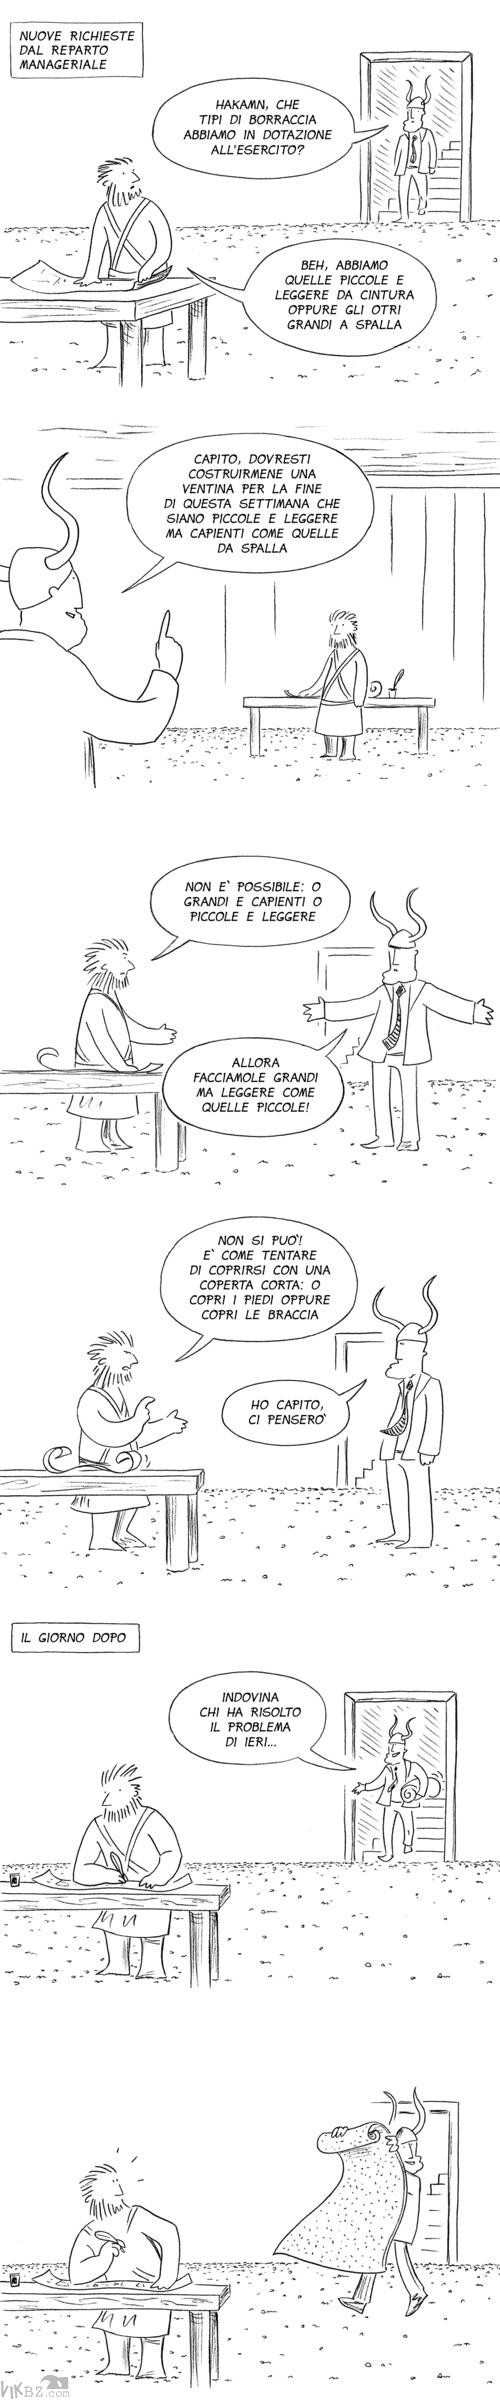 Manager e problemi di comprensione dei limiti tecnici